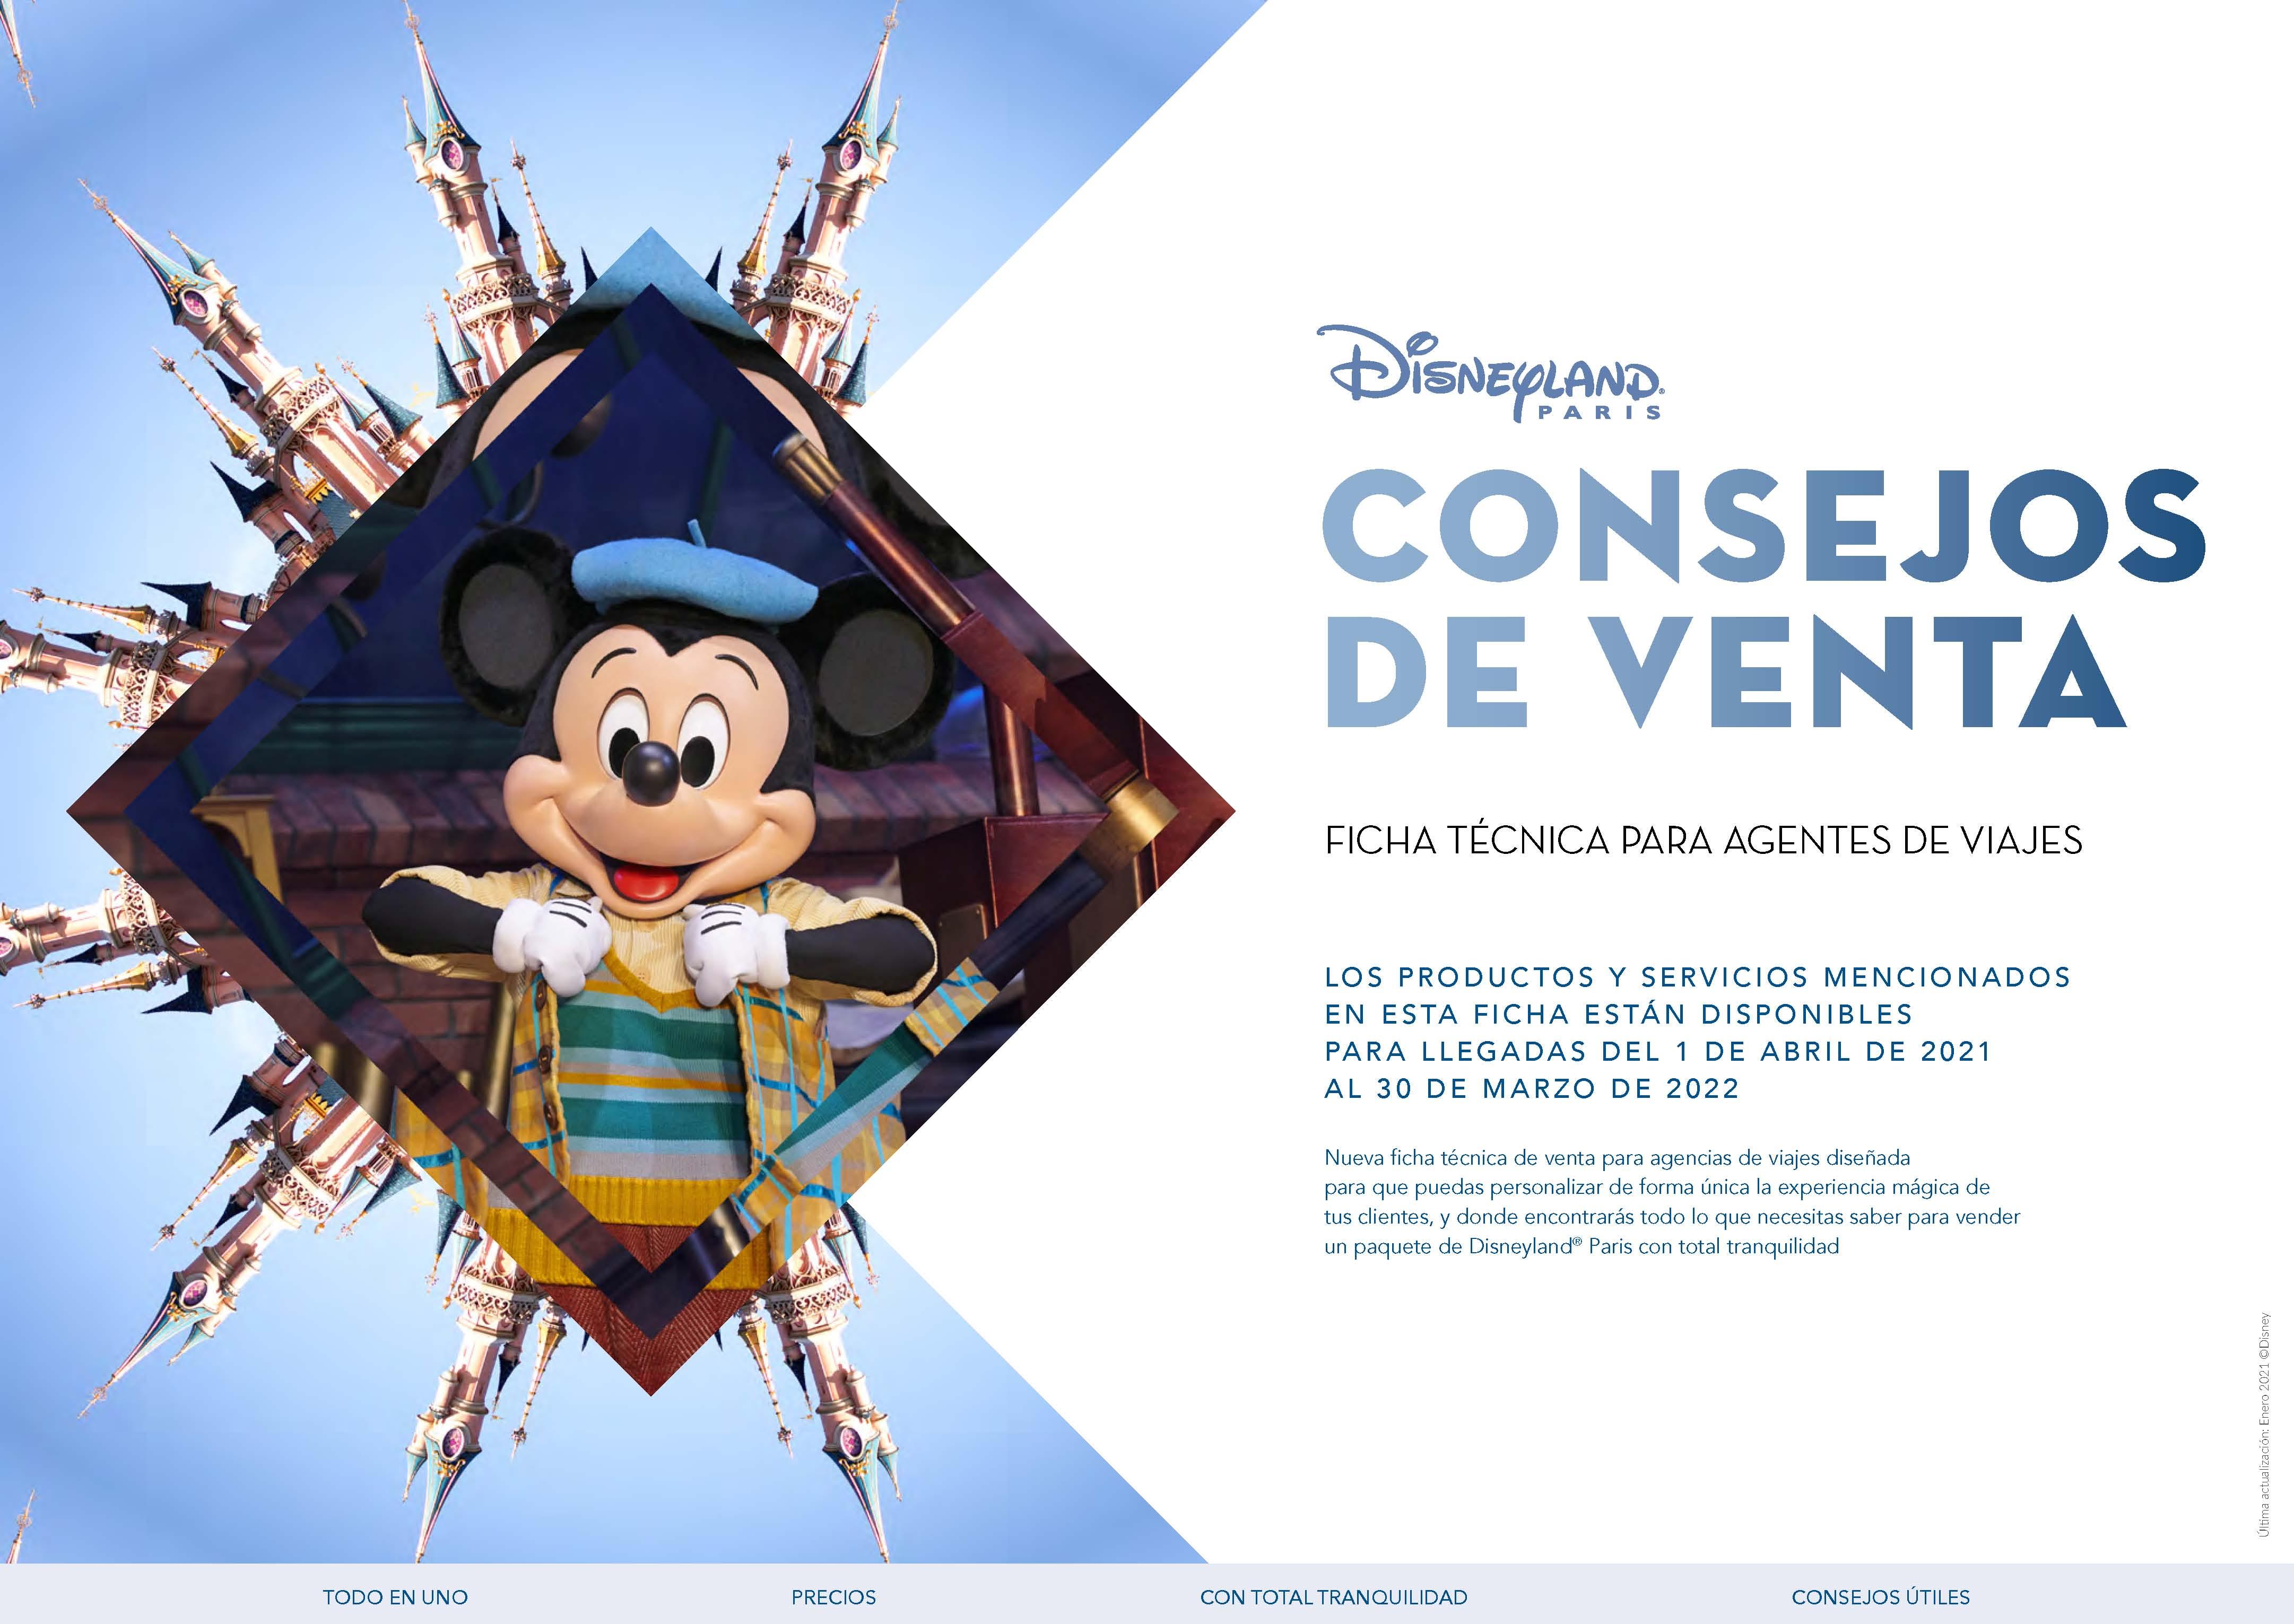 Ficha Tecnica Consejos de Venta Disneyland Paris 2021